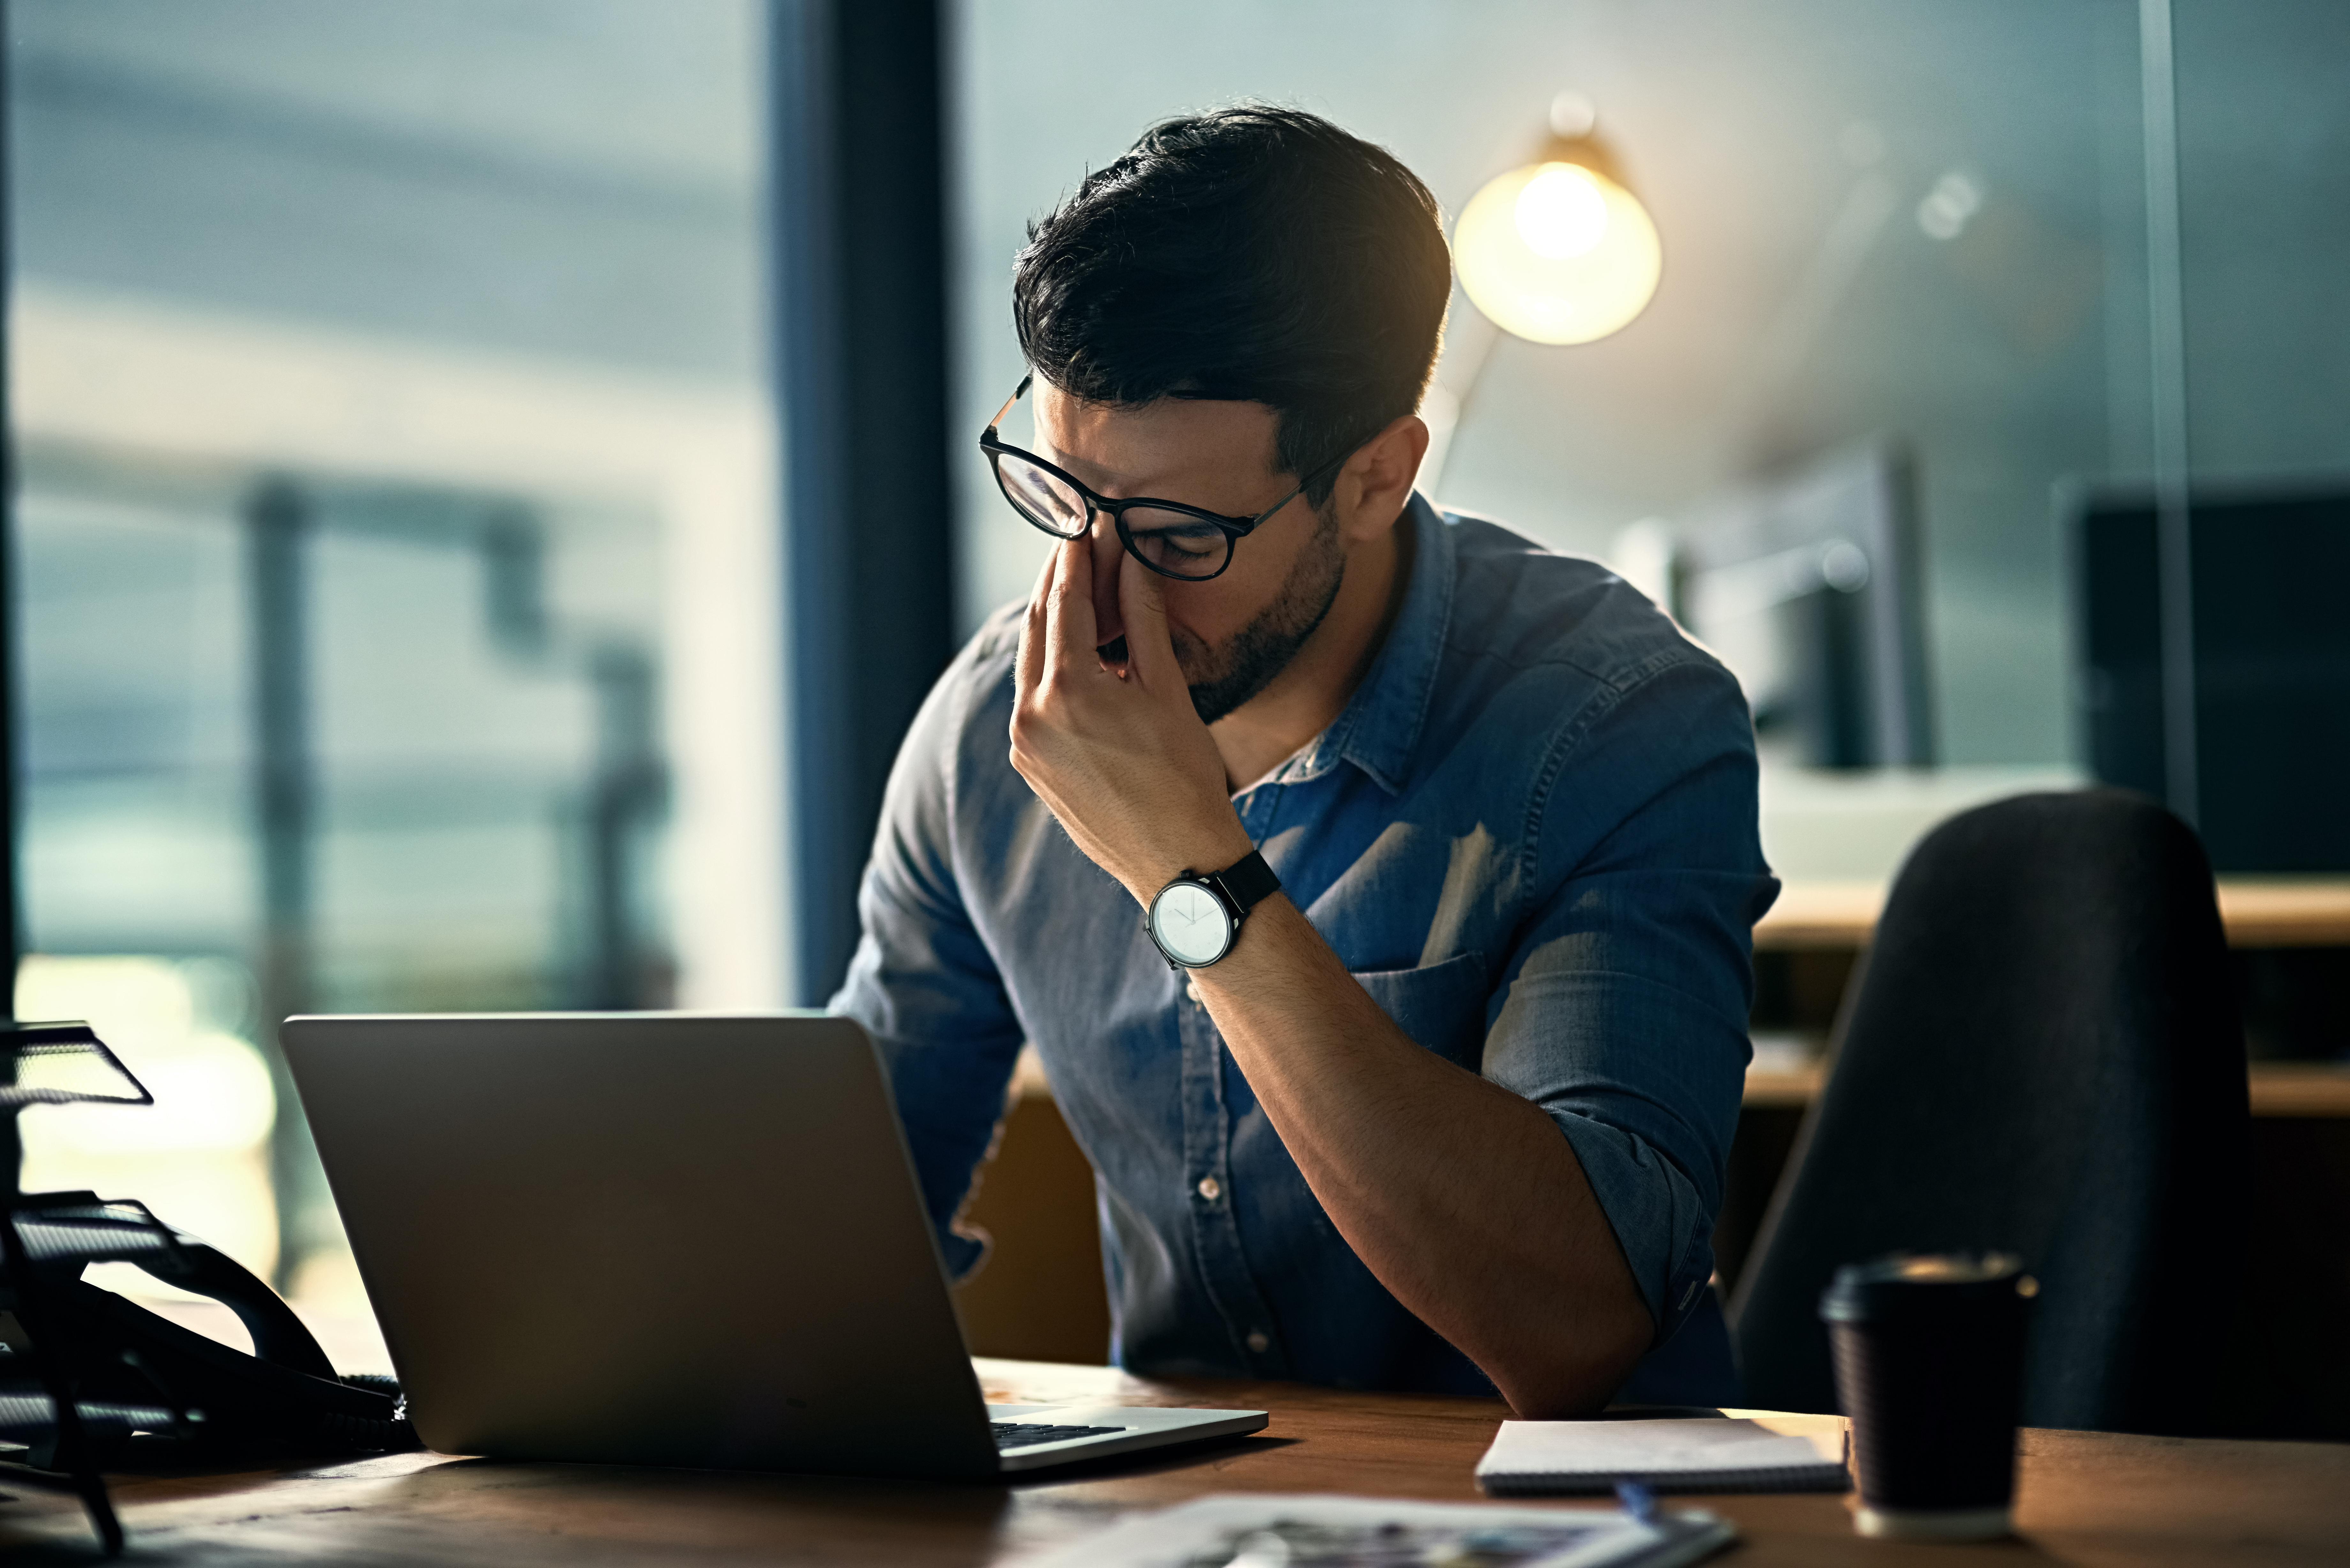 Lutter contre le stress des examens grâce à l'hypnose